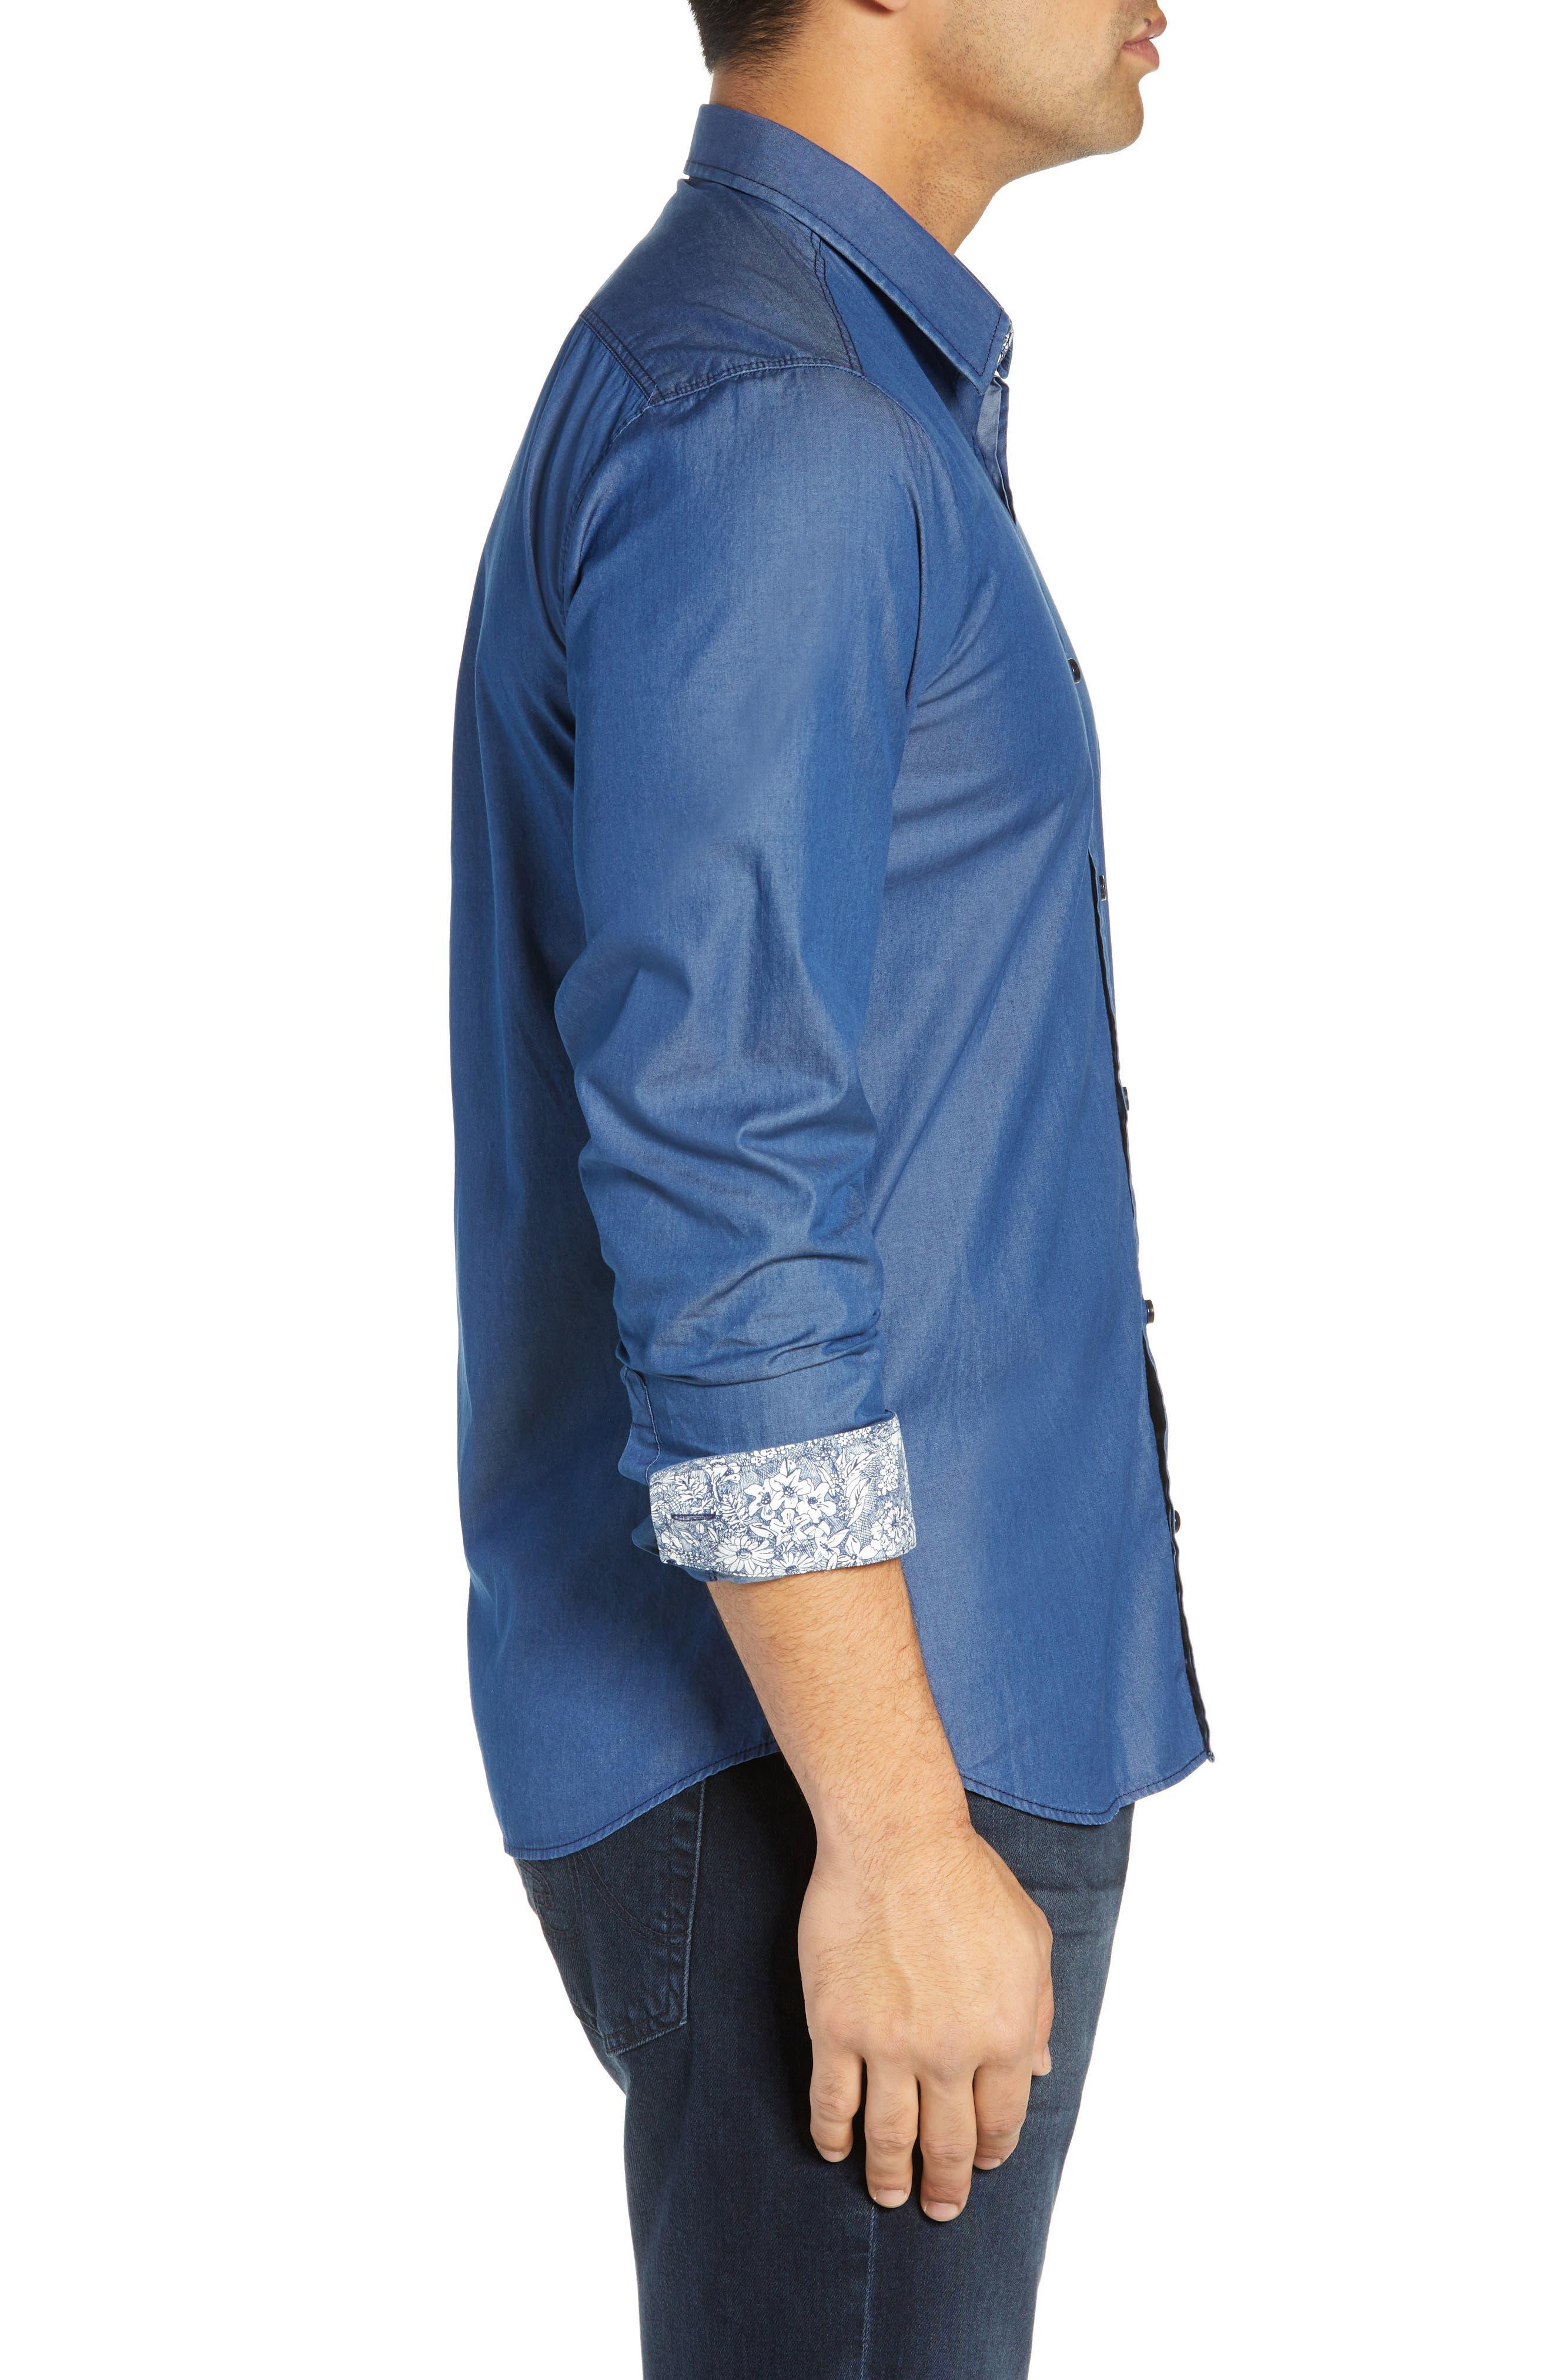 JARED LANG, Slim Fit Chambray Sport Shirt, Alternate thumbnail 4, color, CHAMBRAY